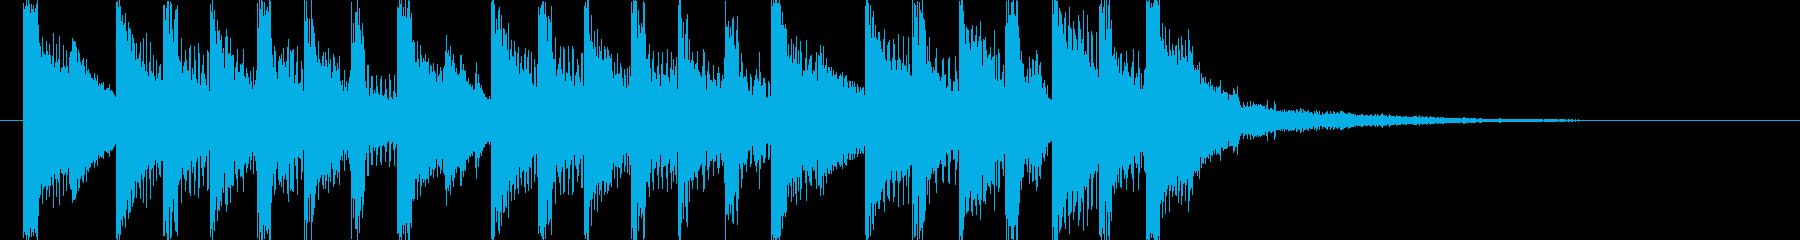 ラジオに合う爽やかポップジングル4の再生済みの波形